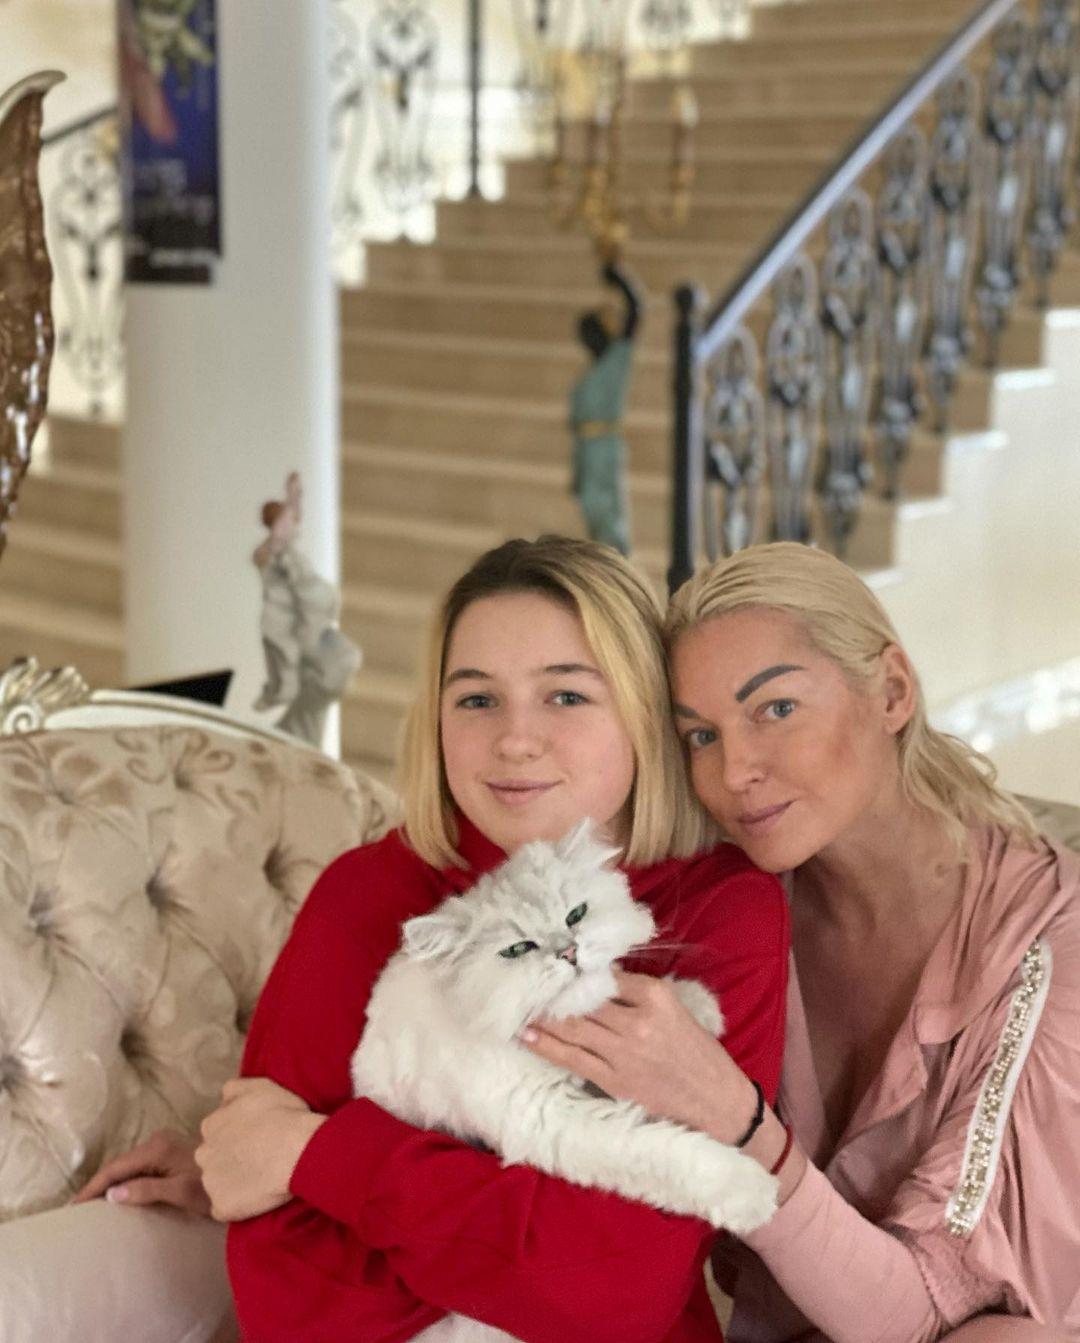 Анастасия Волочкова - 16 лет дочери: главная роль эпатажной танцовщицы